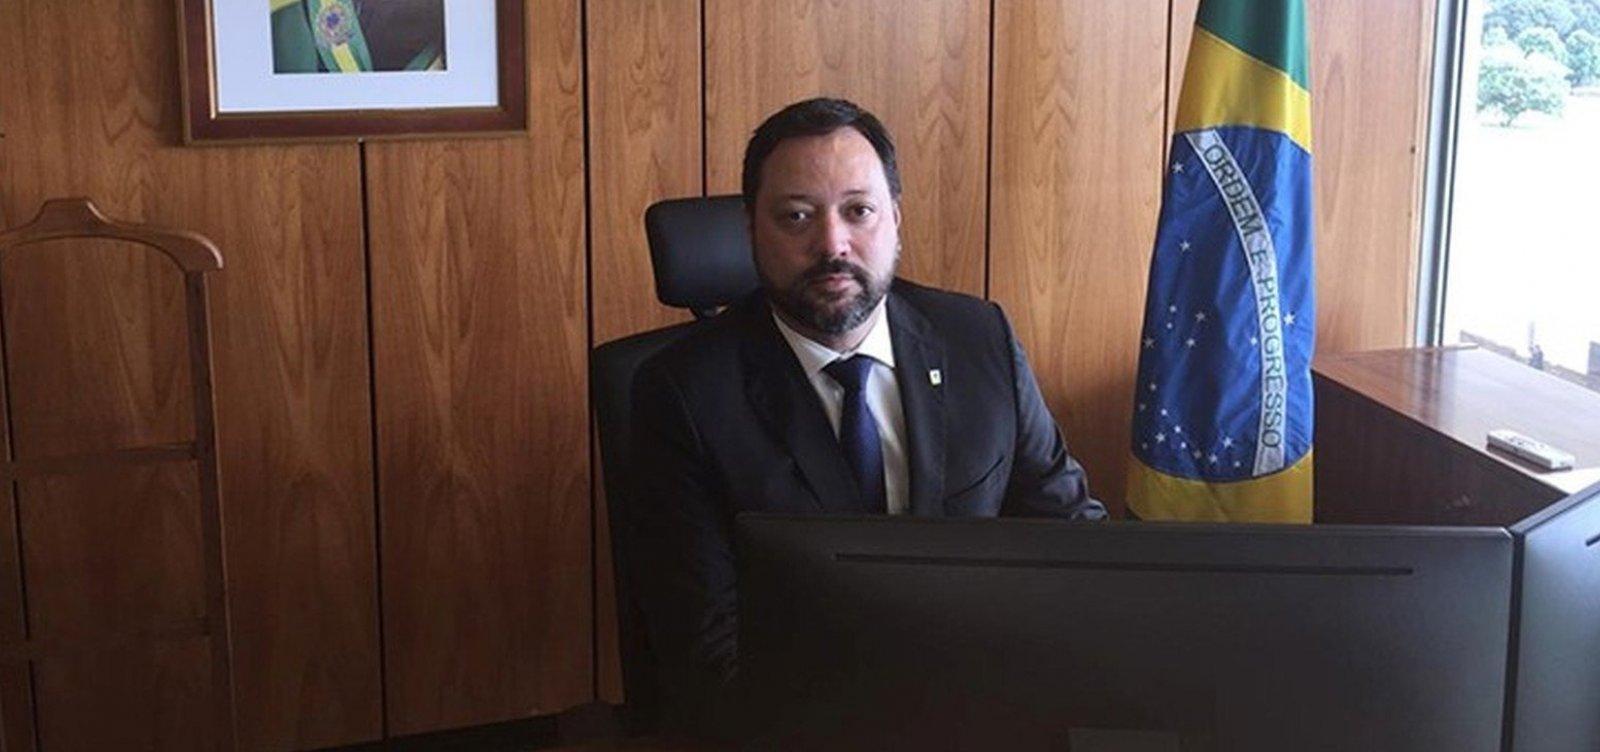 Após pedido de demissão, novo presidente do Inep é nomeado